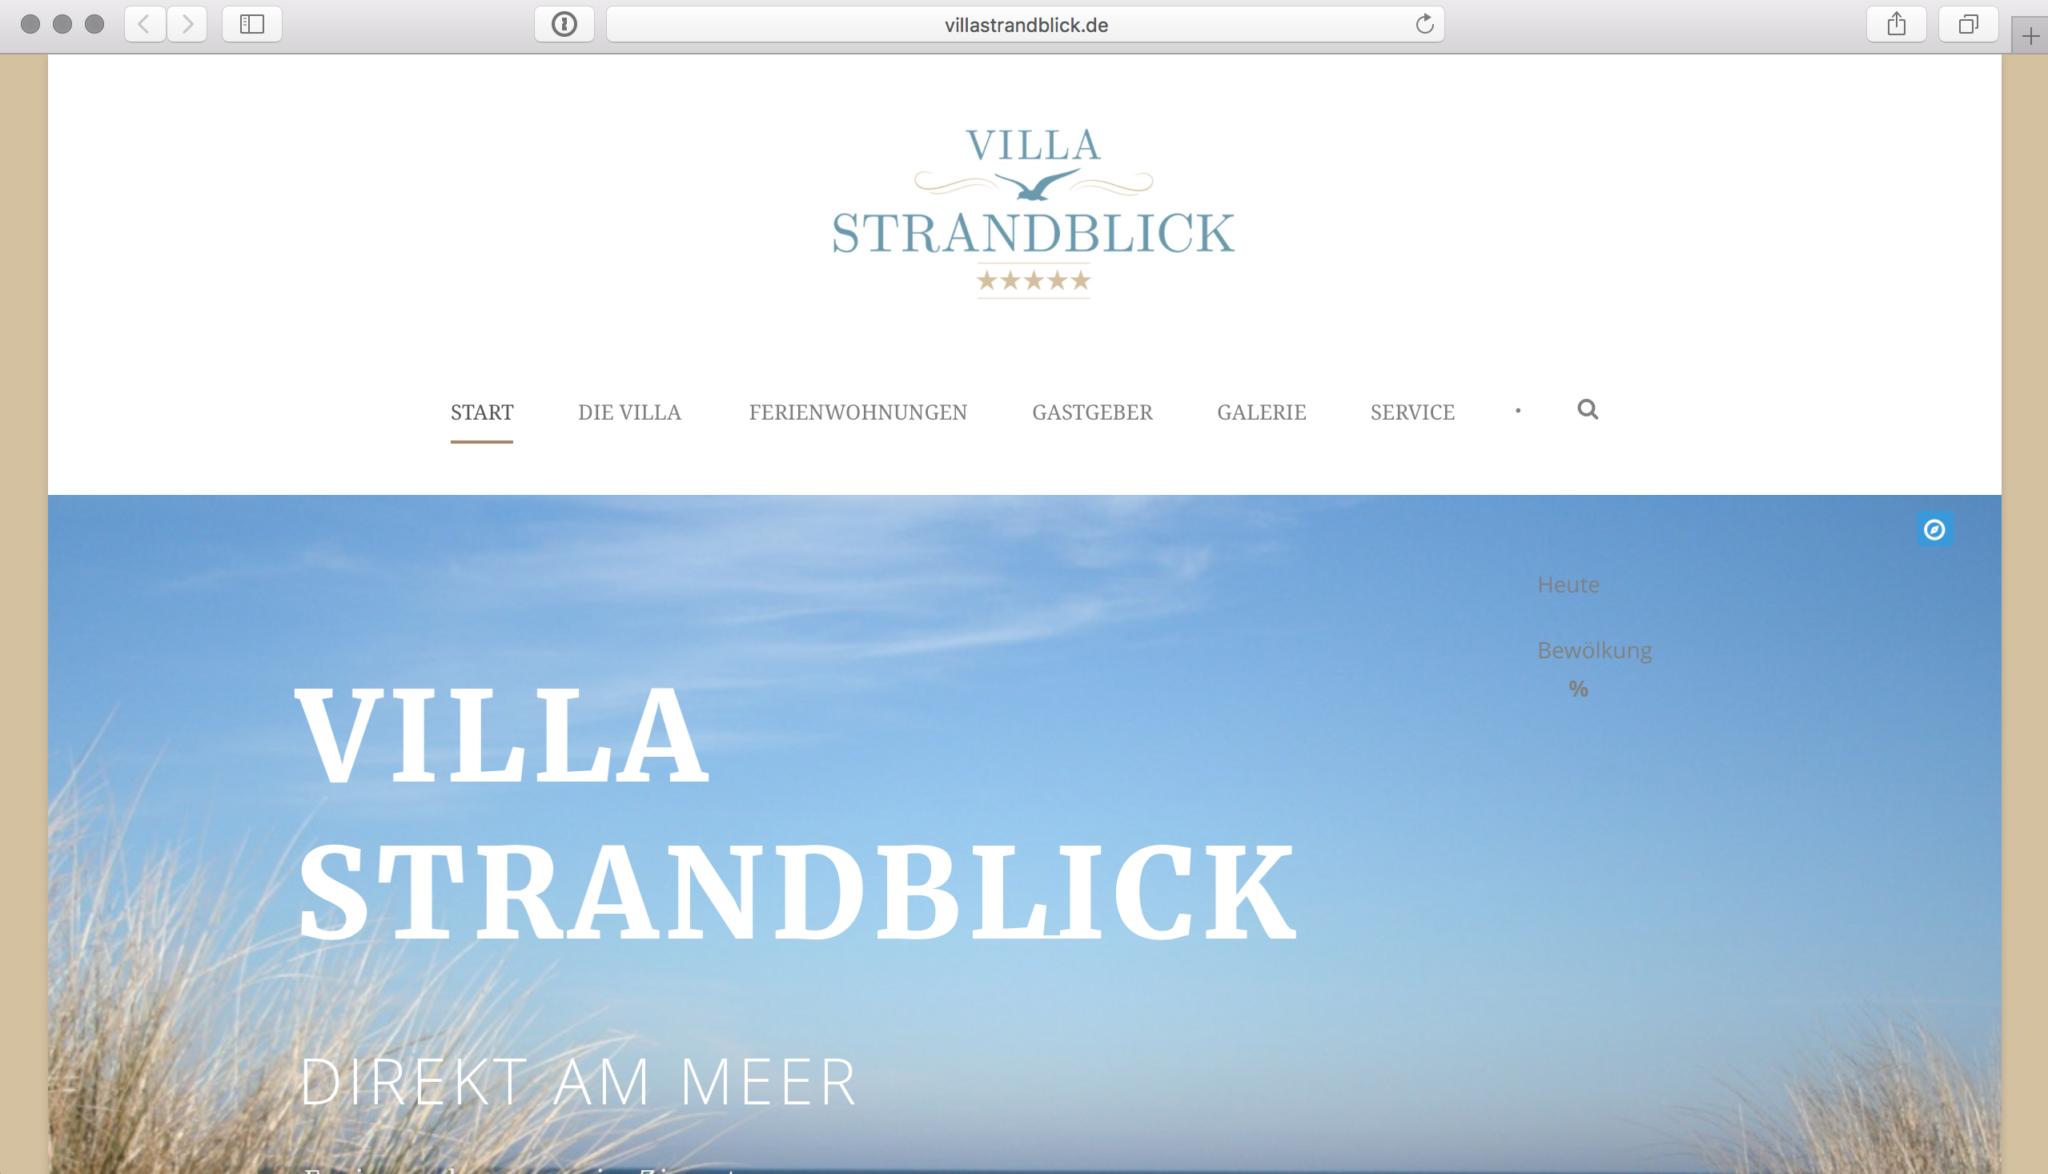 www.villastrandblick.de-1